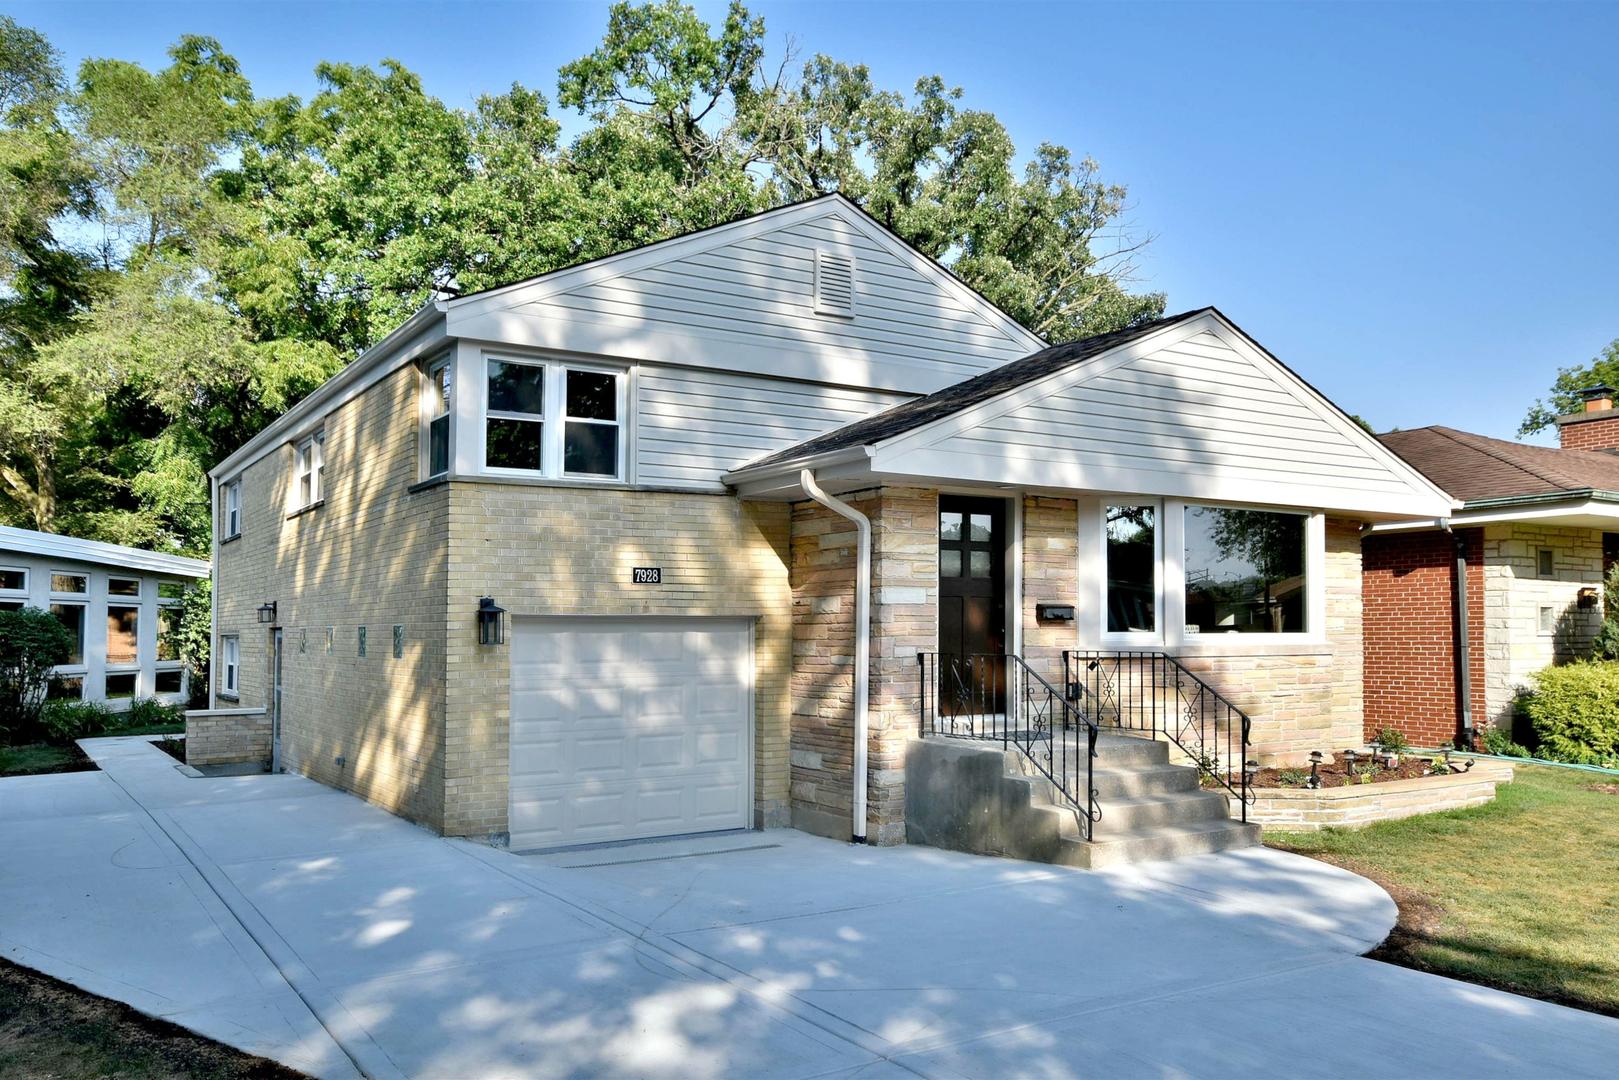 7928 West Leonora, Elmwood Park, Illinois, 60707